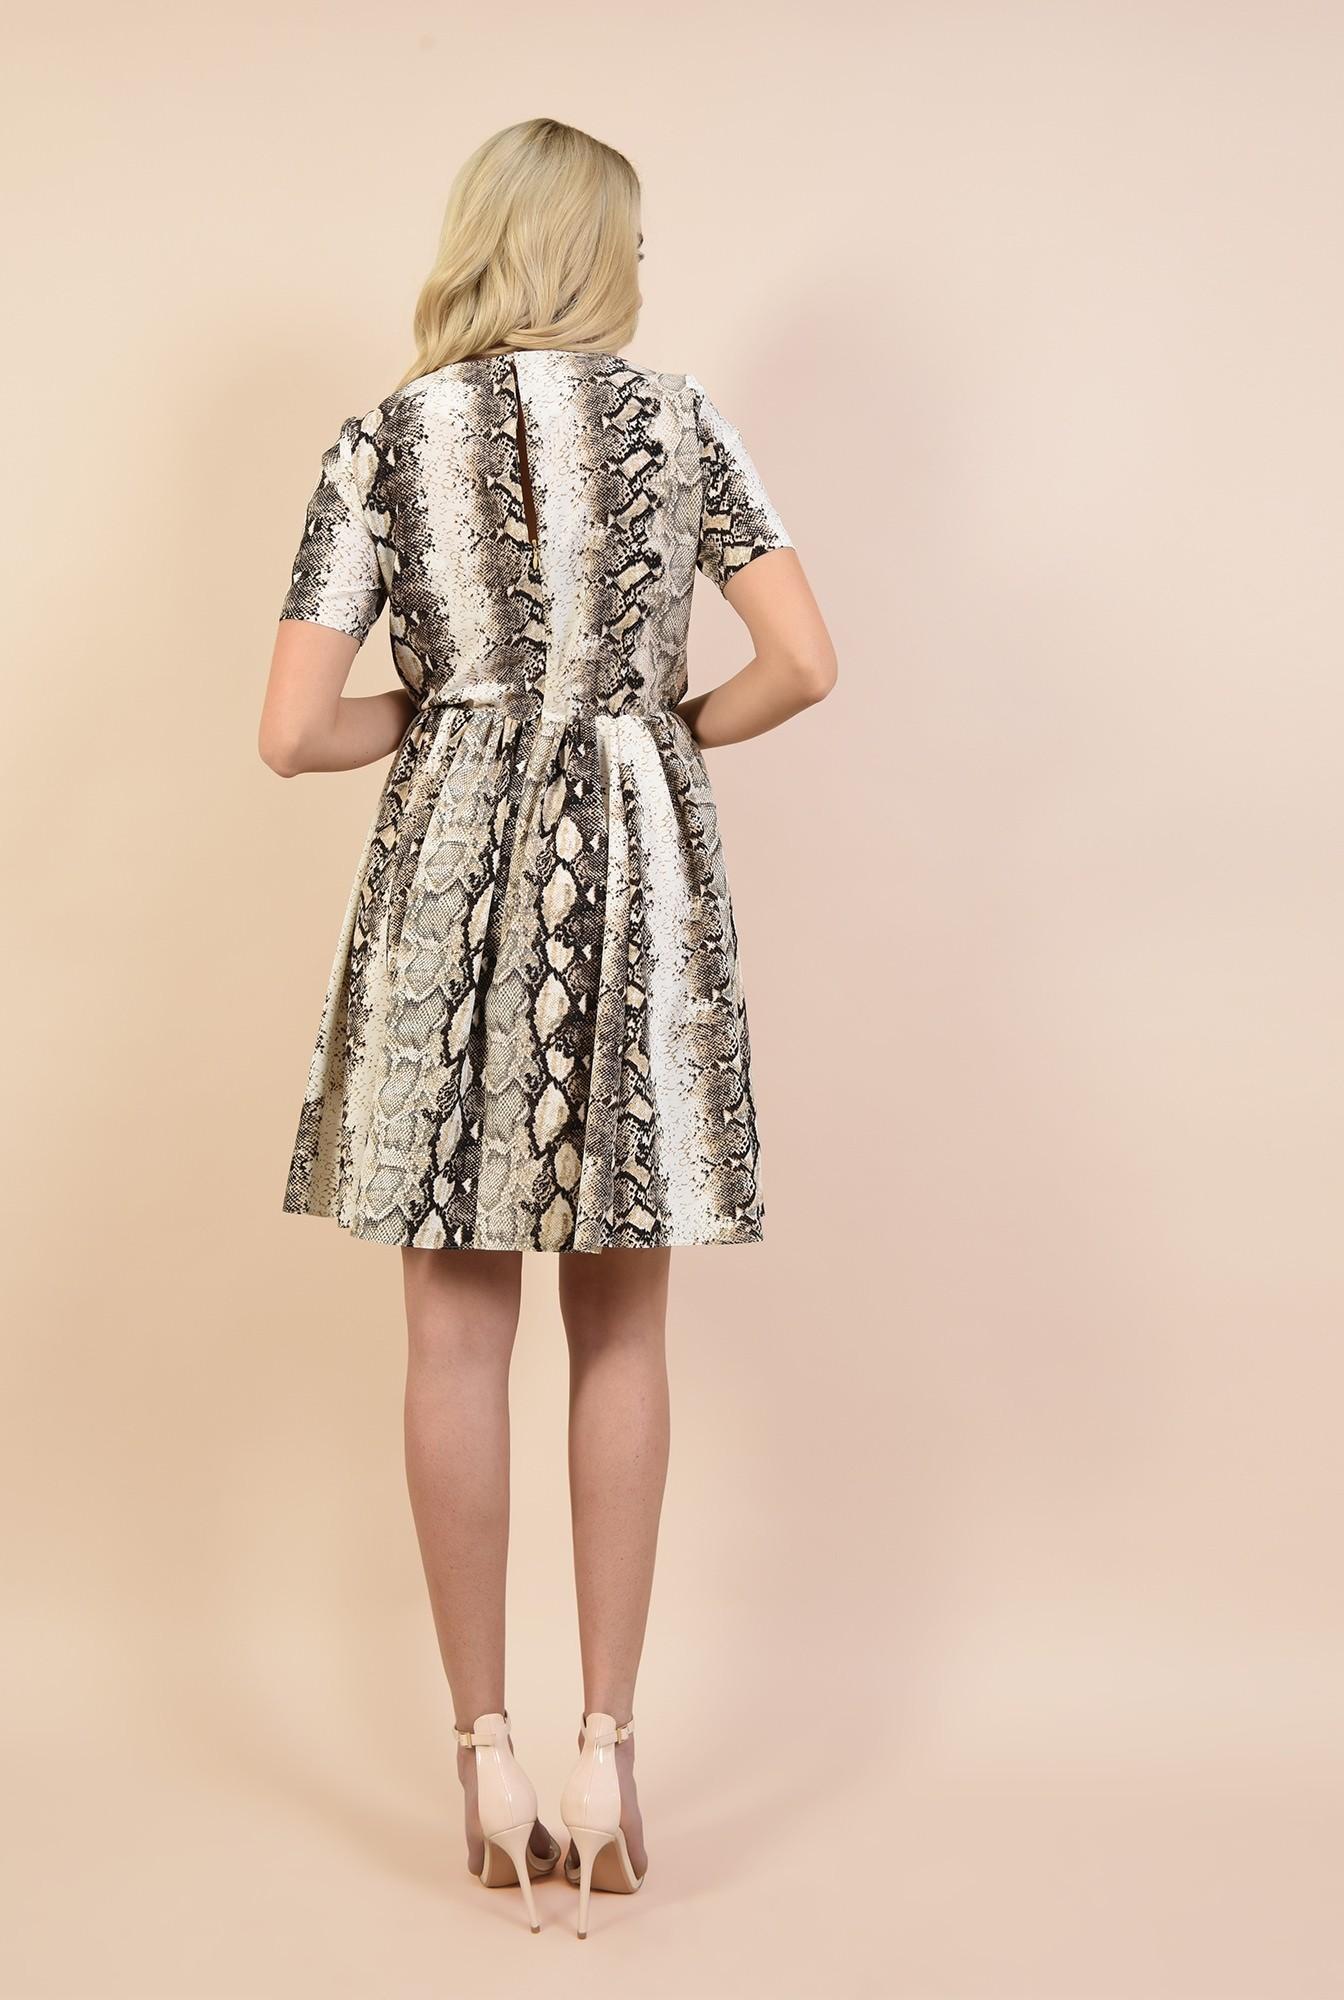 1 - rochie casual, scurta, cu imprimeu, maneci scurte, snakeskin, Poema